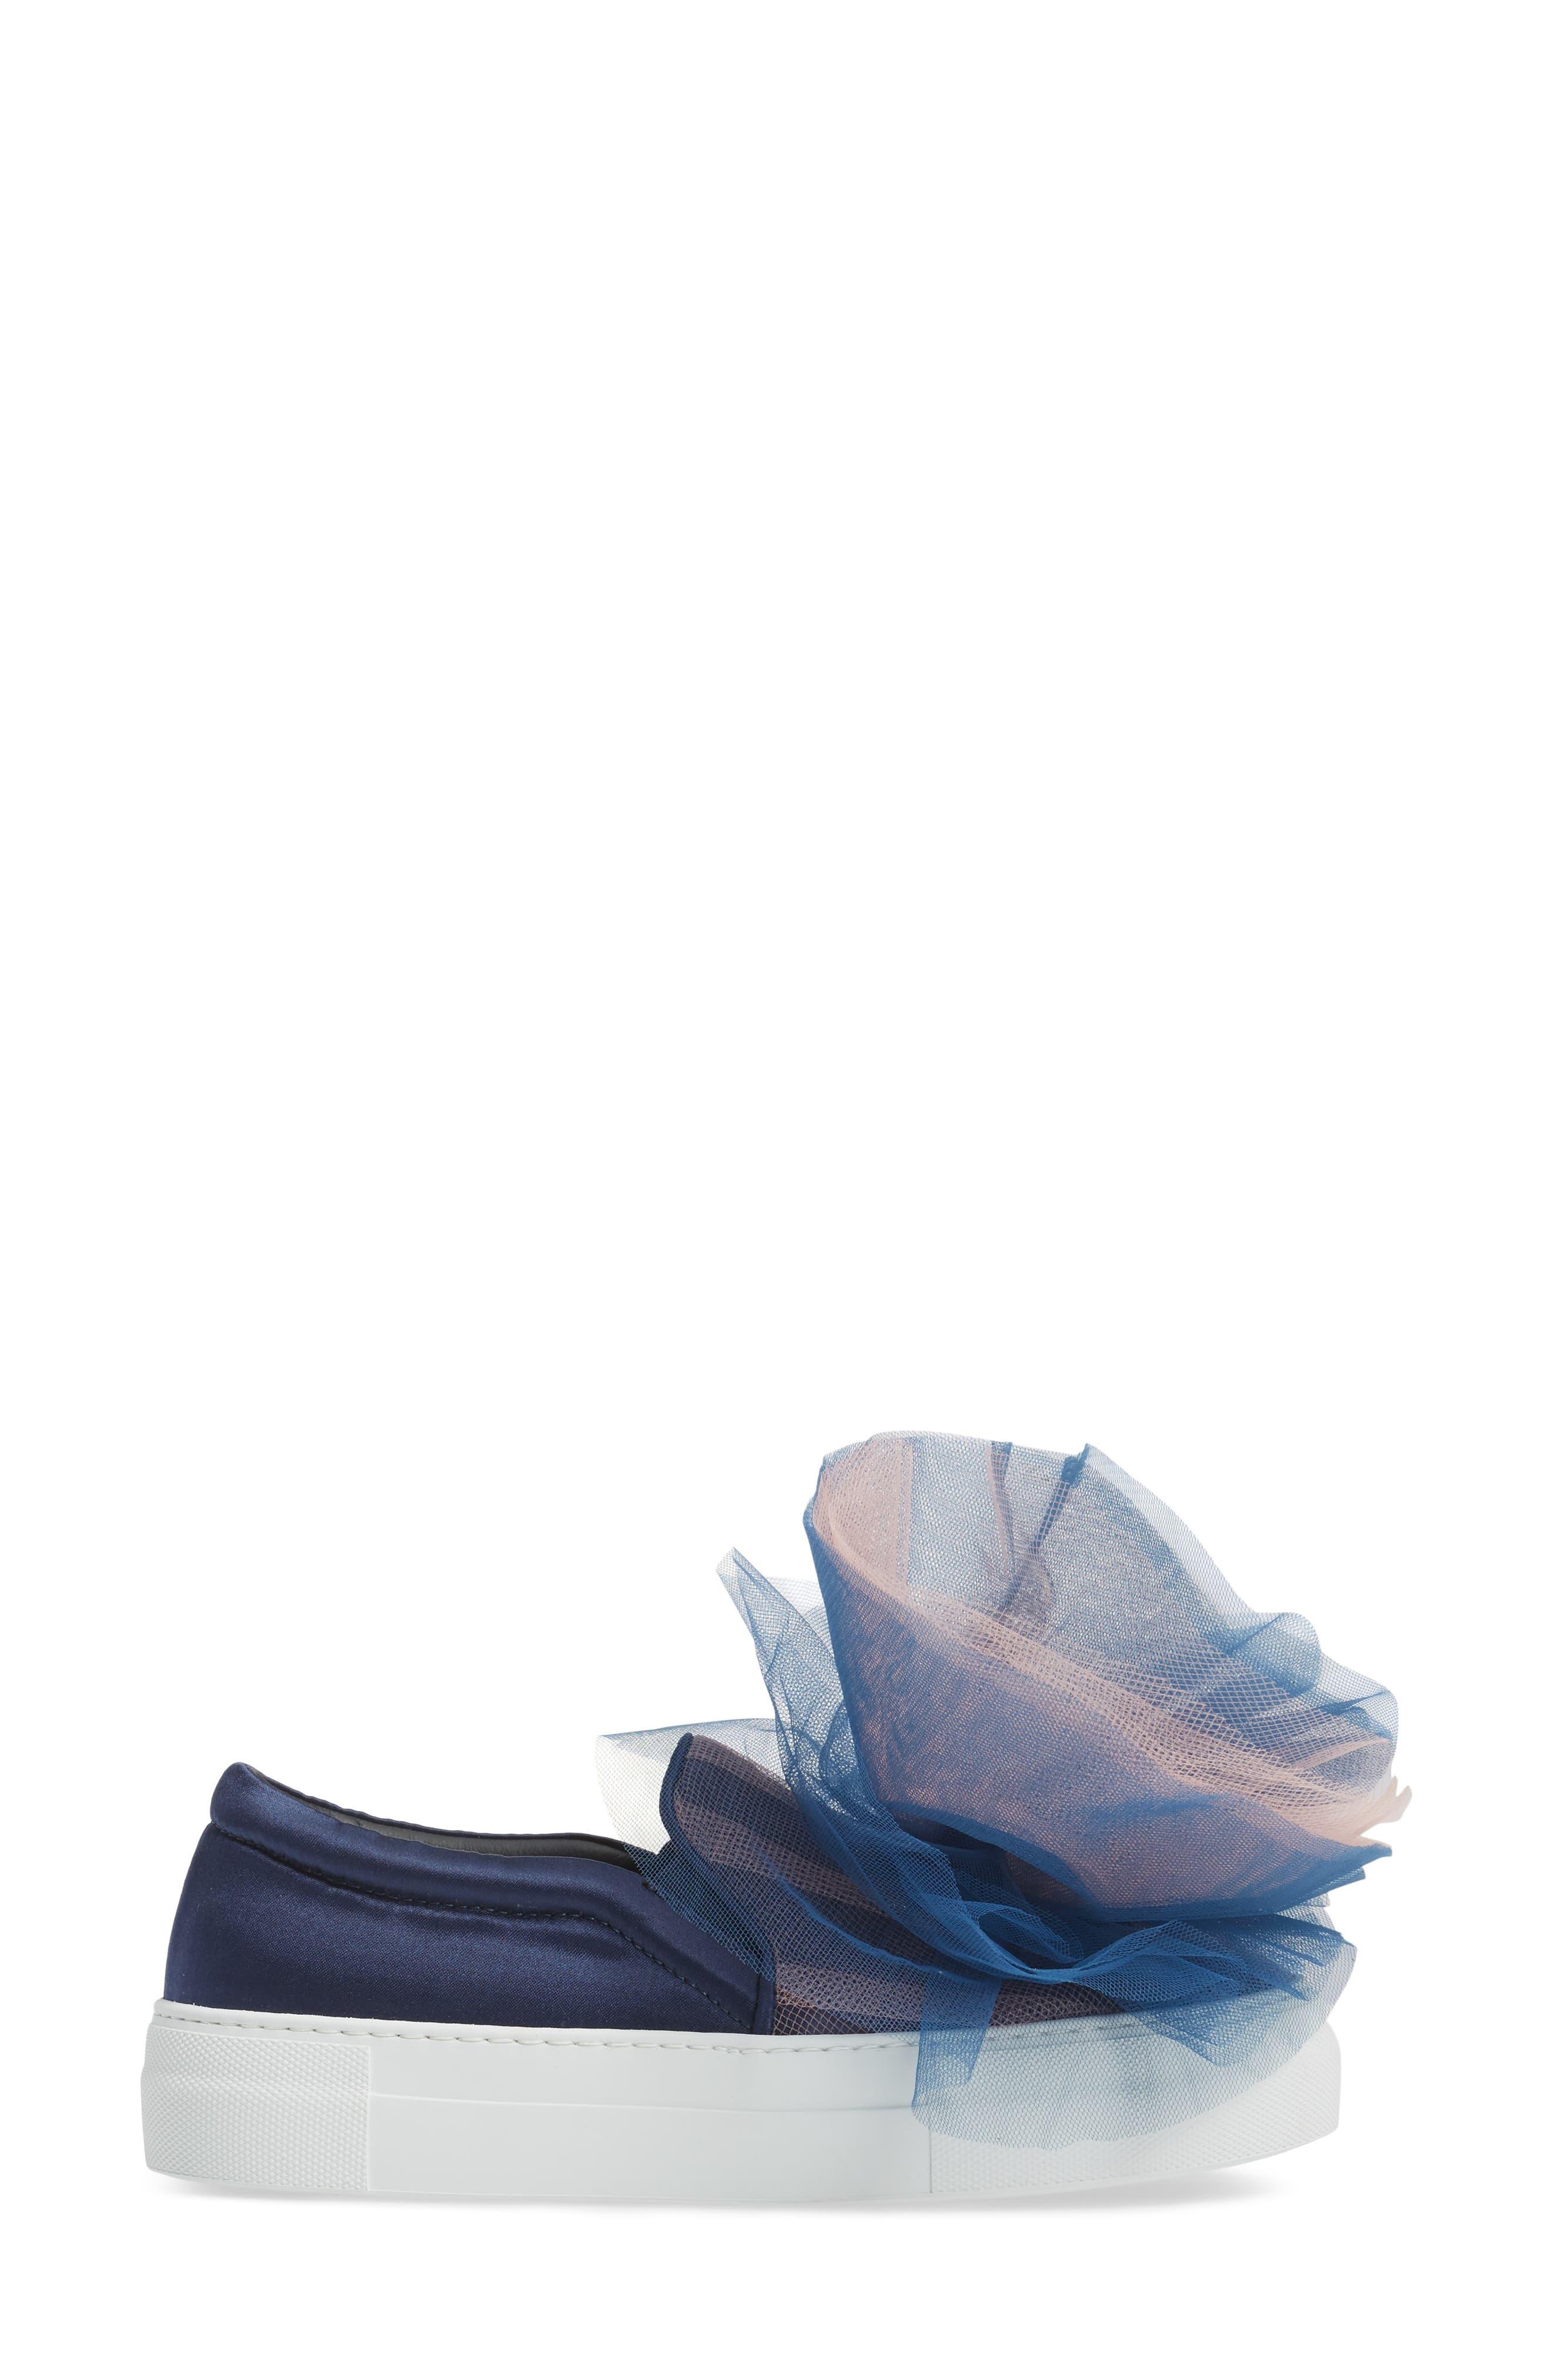 Tulle Slip-On Sneaker,                             Alternate thumbnail 3, color,